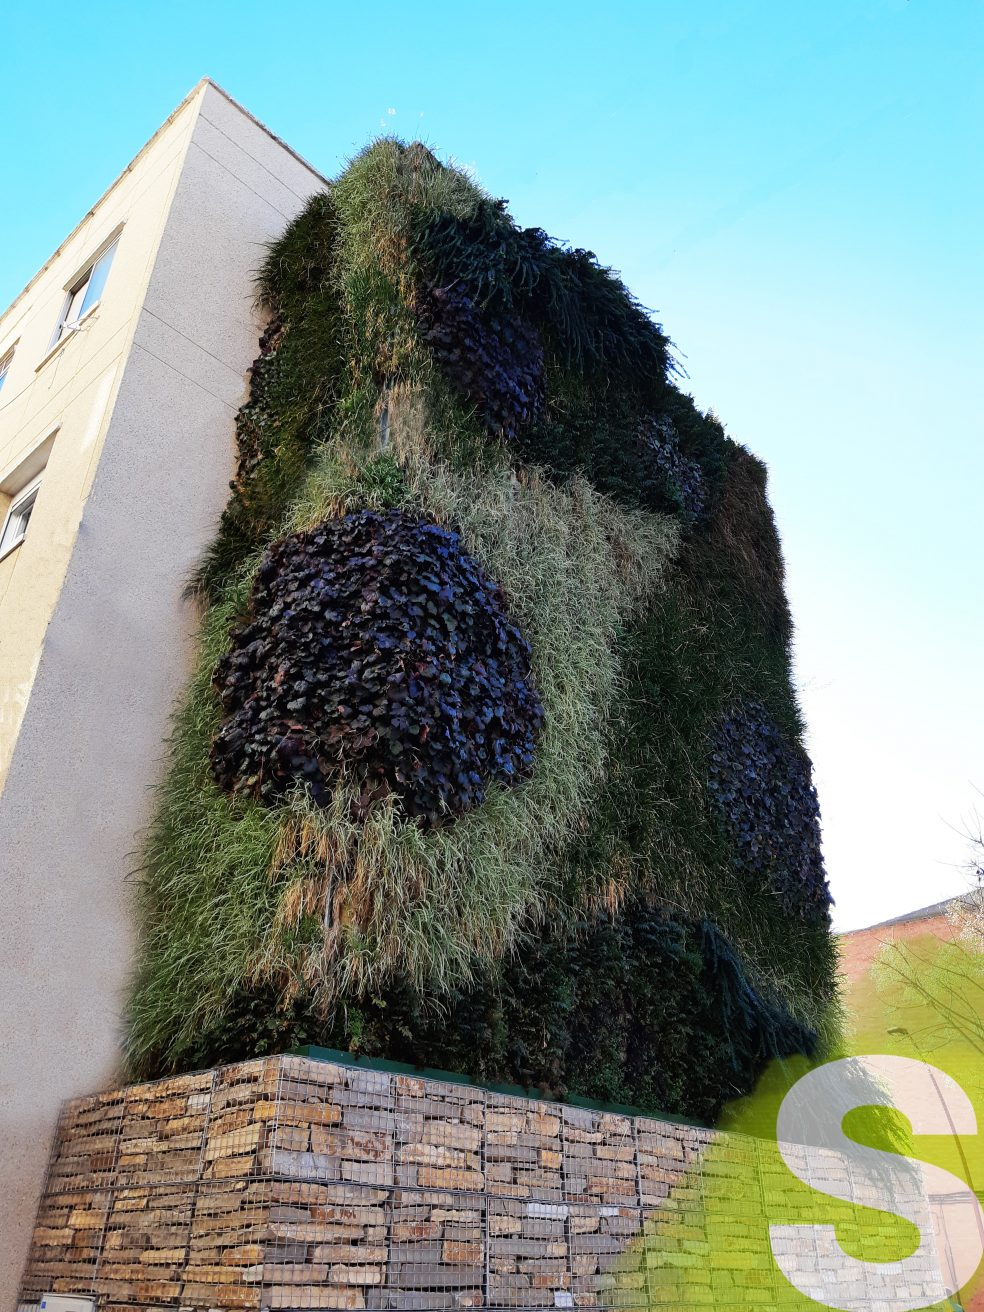 Jardín vertical Azuqueca de Henares, Guadalaja